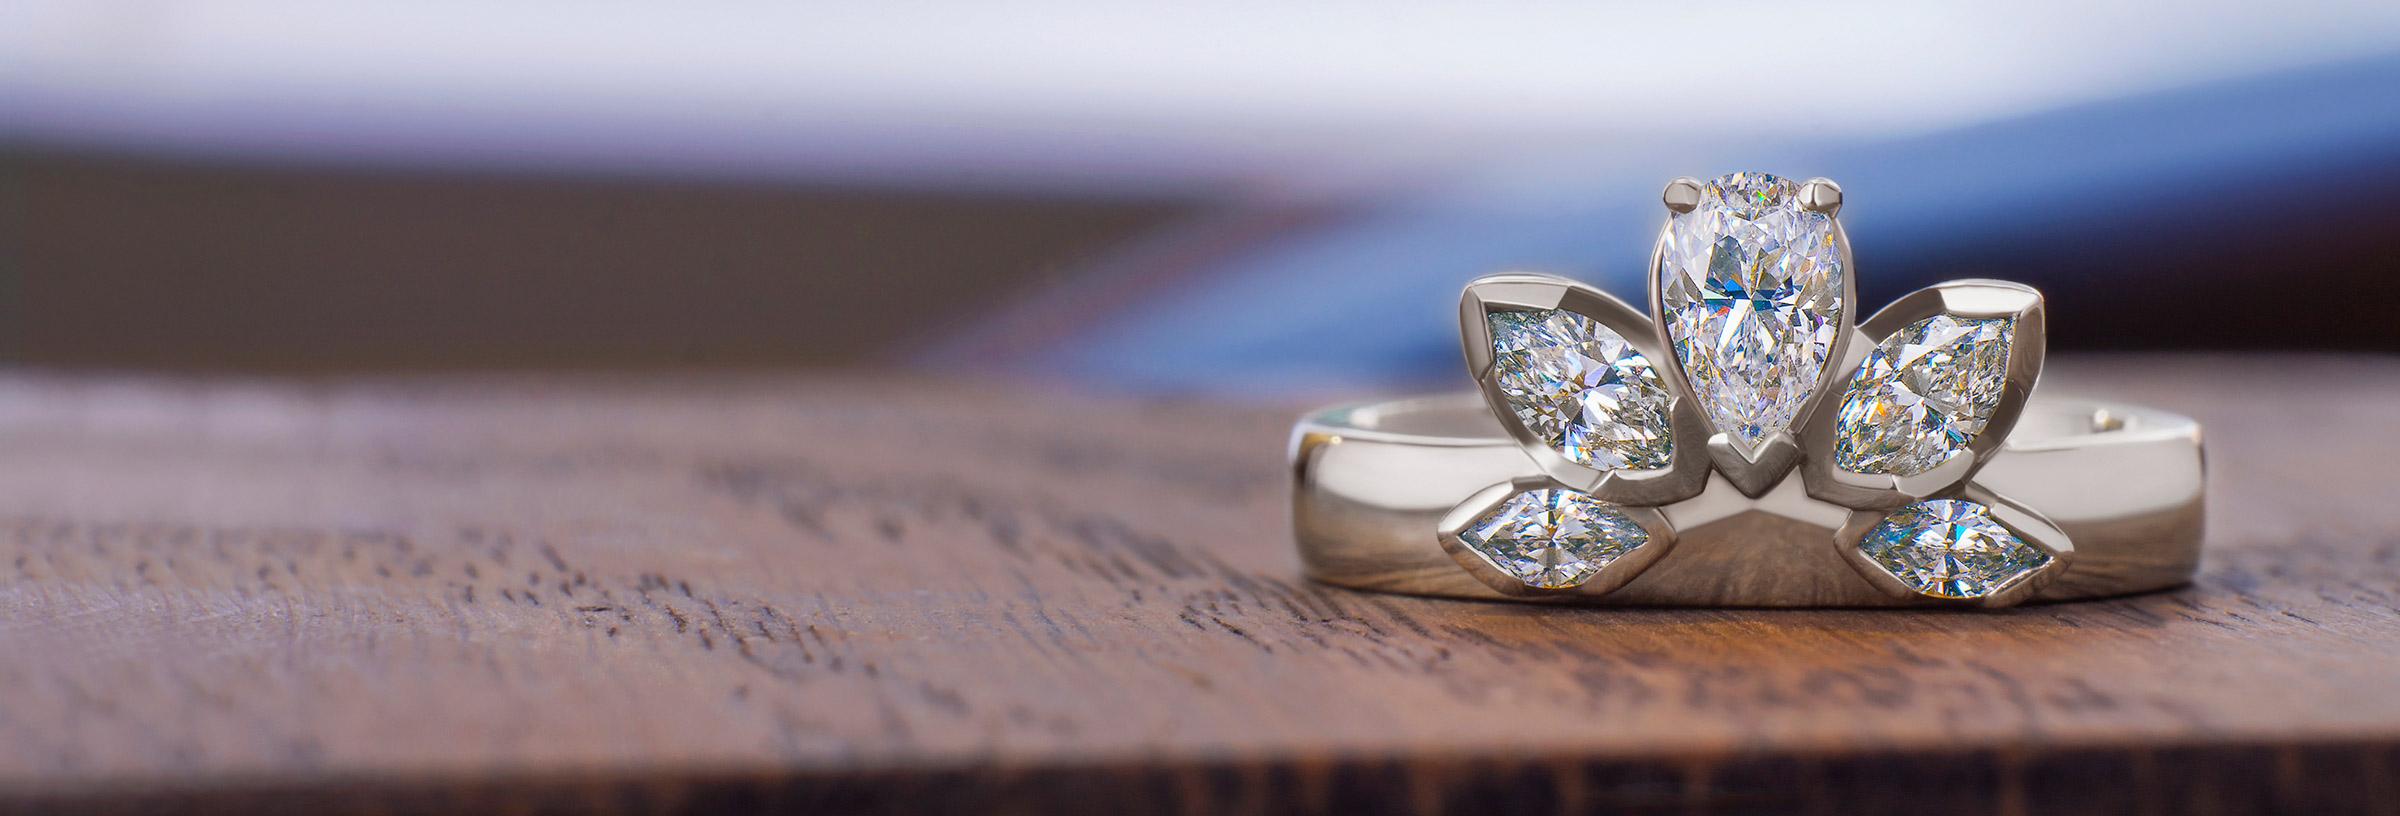 art-deco-inspired-diamond-fan-cluster-engagement-ring